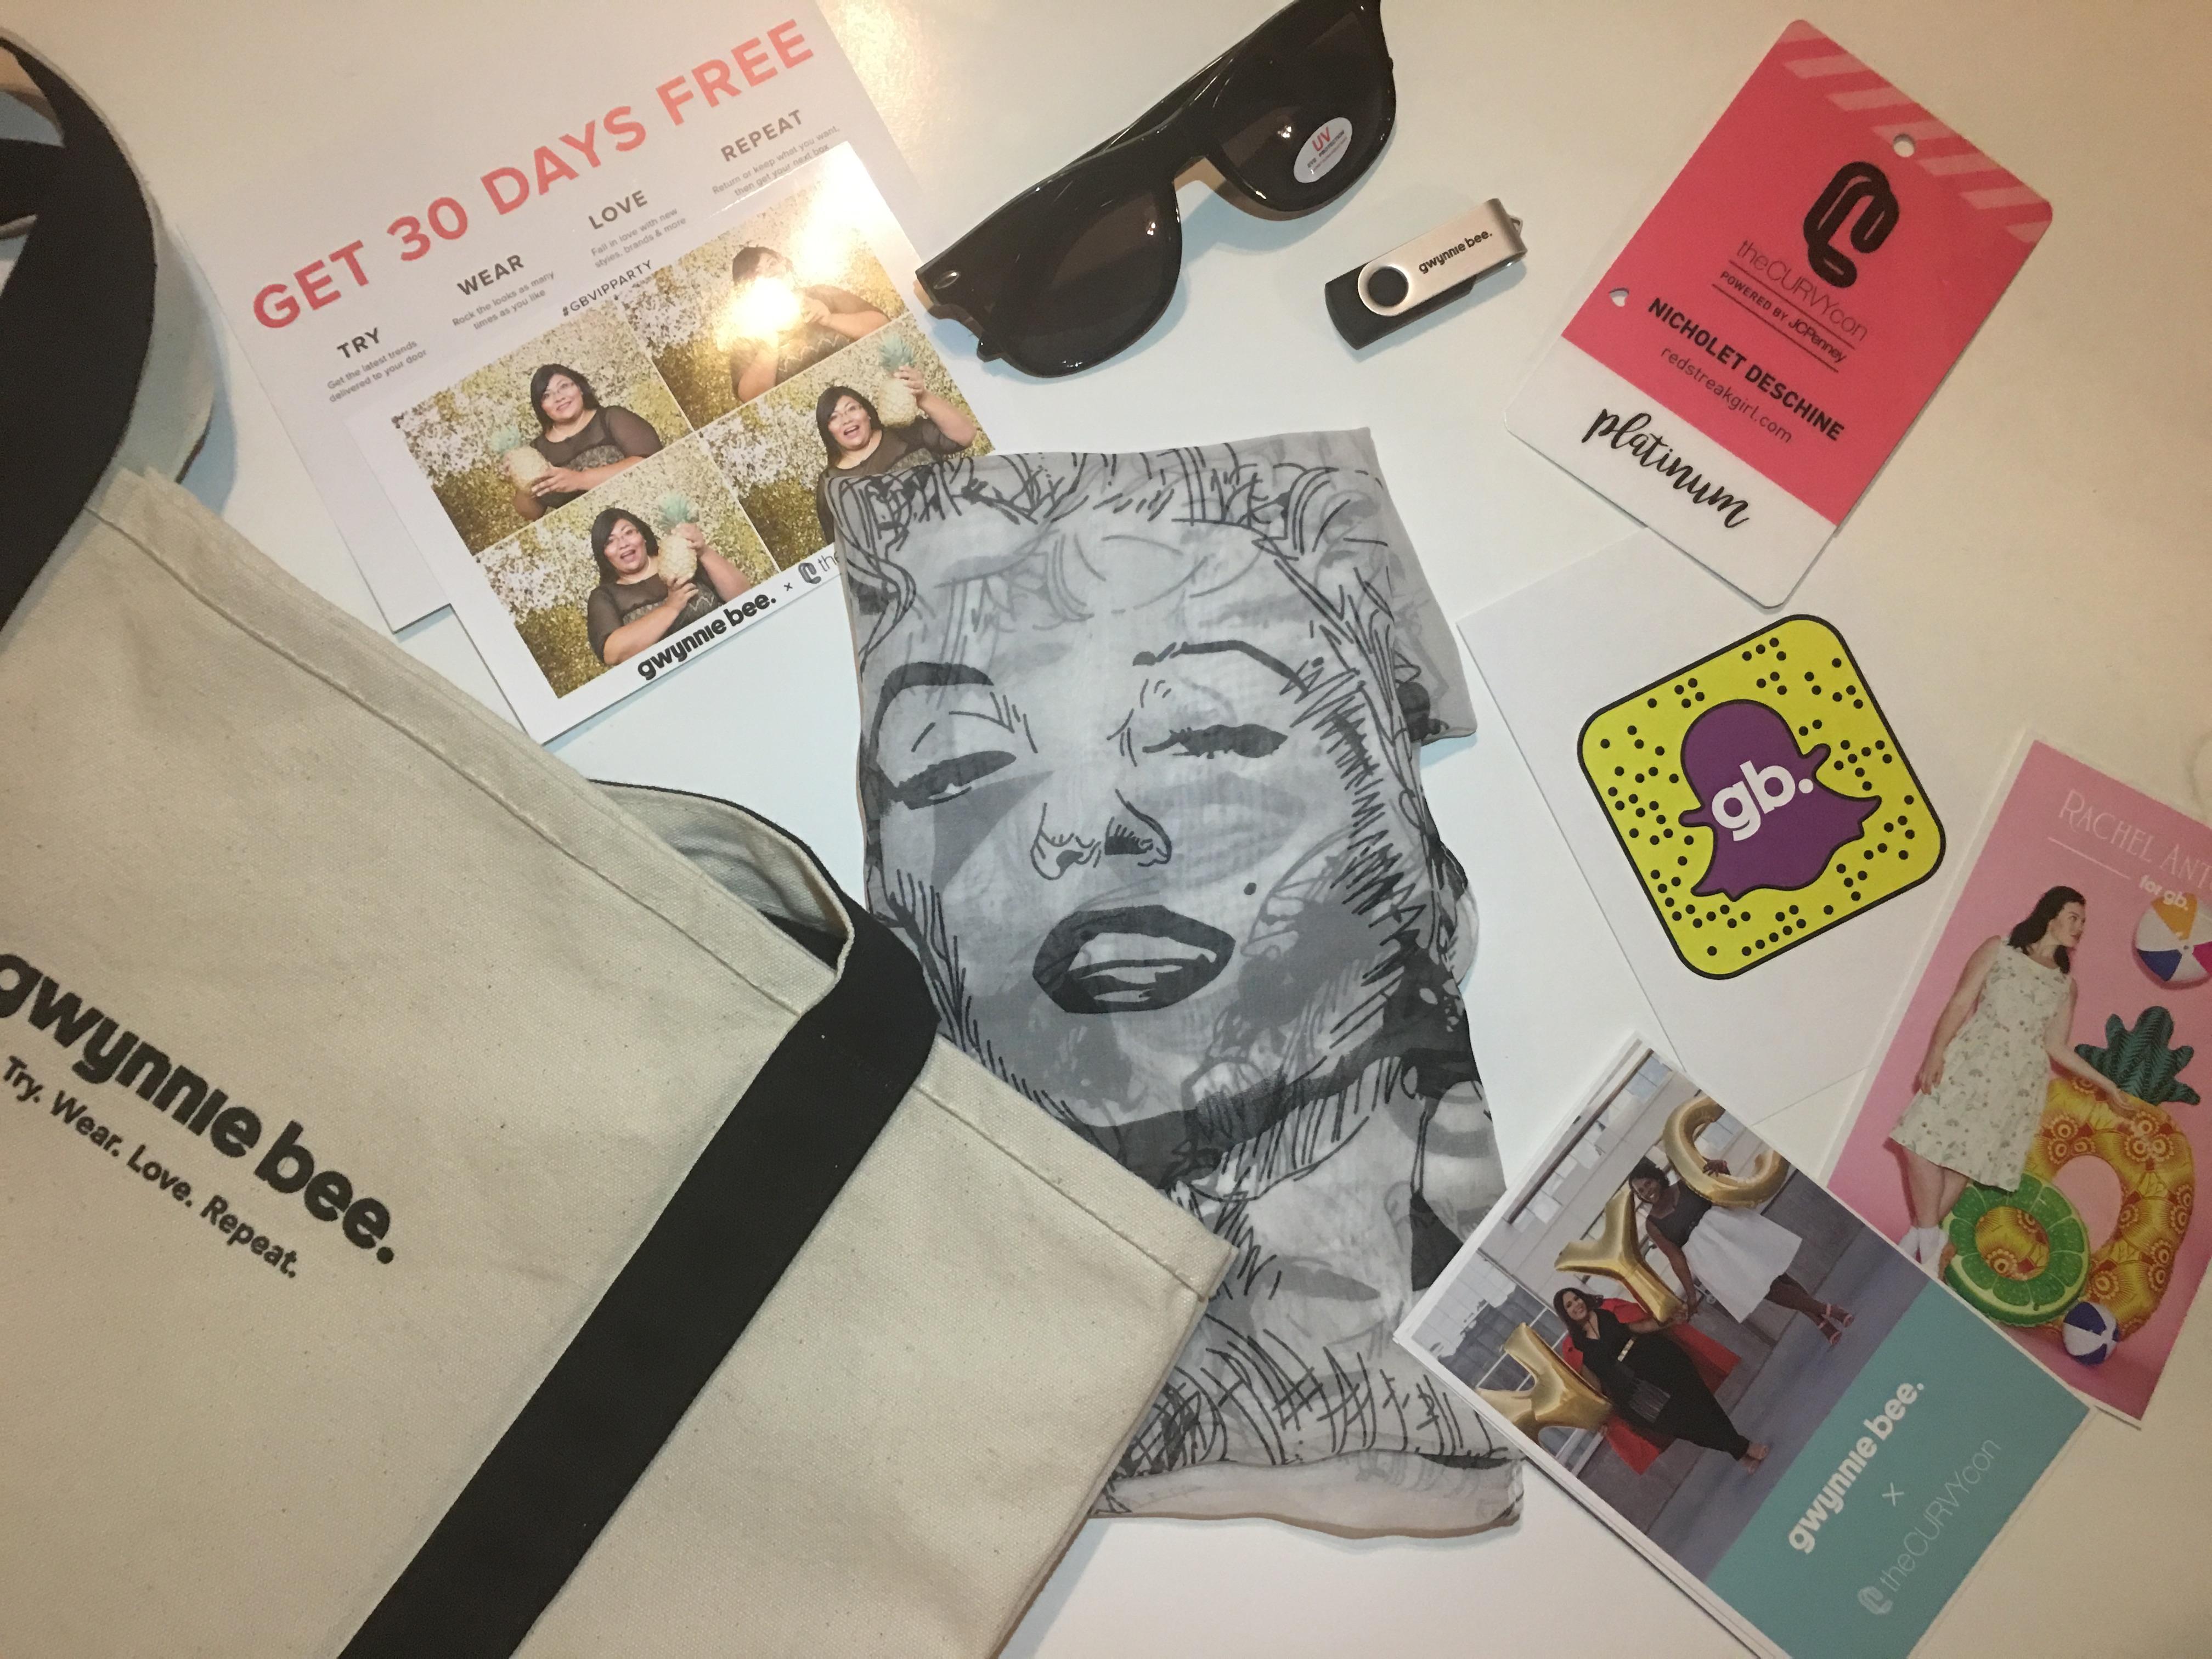 Gwynnie Bee Swag Bag: tote bag, Marilyn Monroe scarf, shades, USB drive, promotional cards